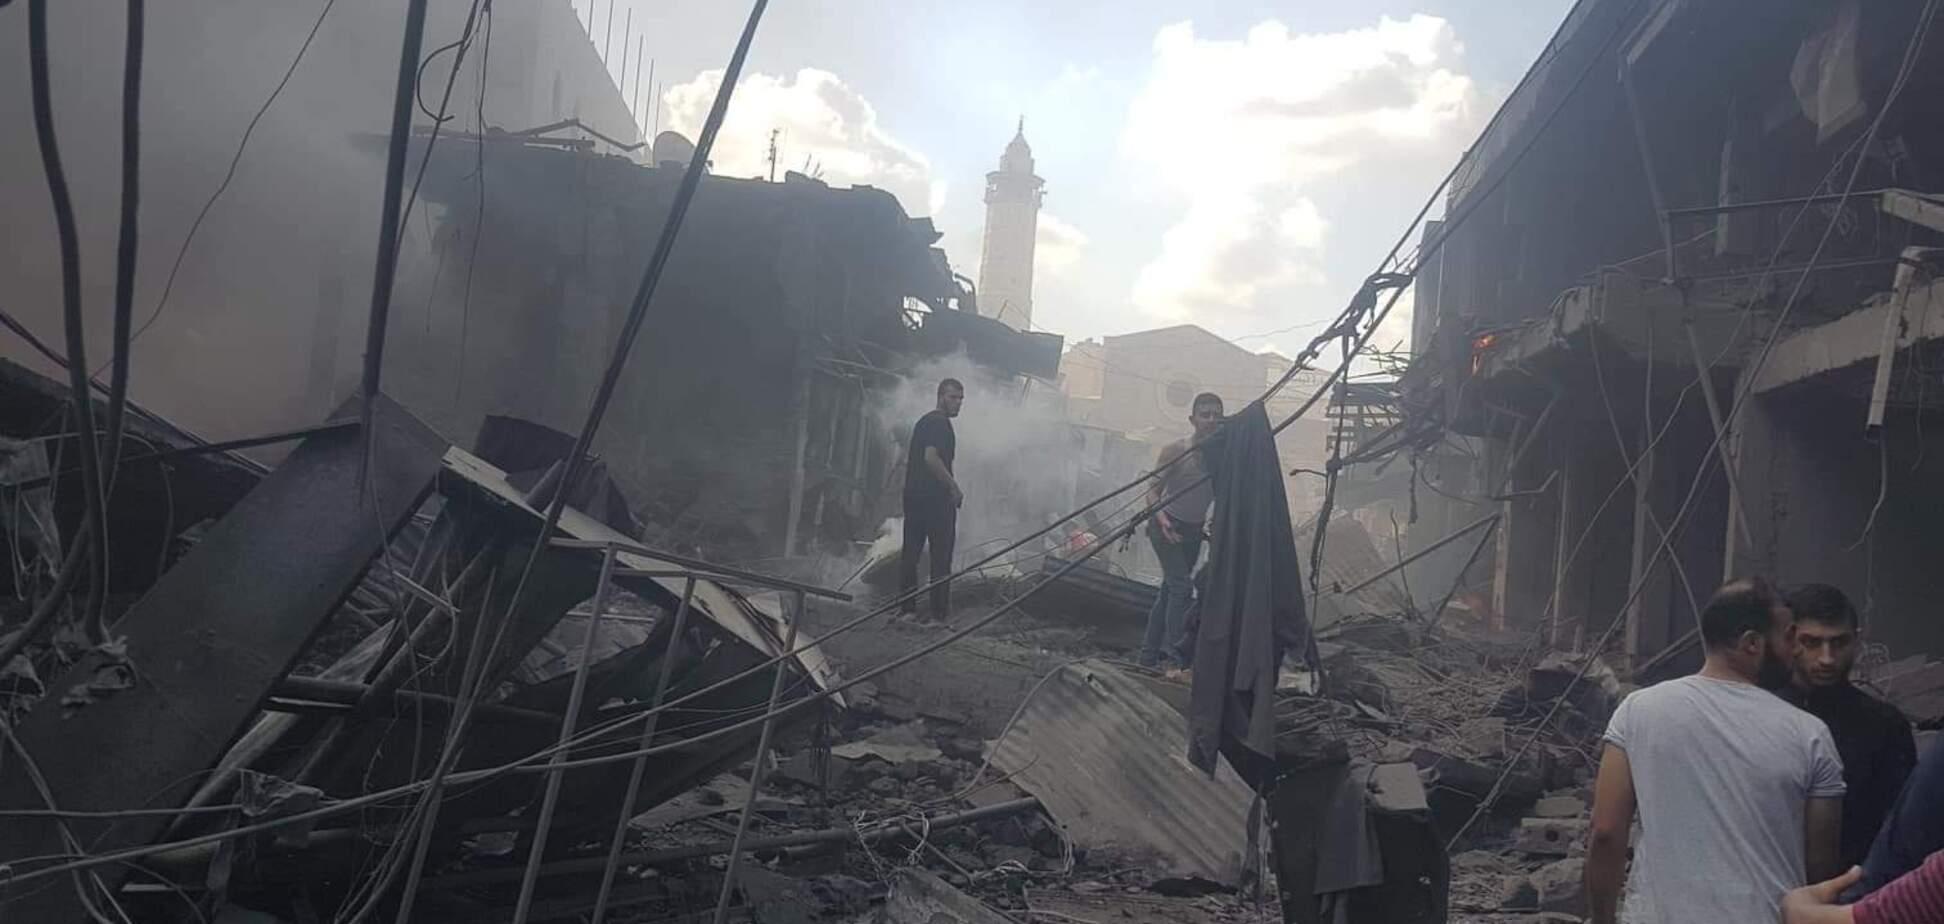 В секторе Газа прогремел взрыв